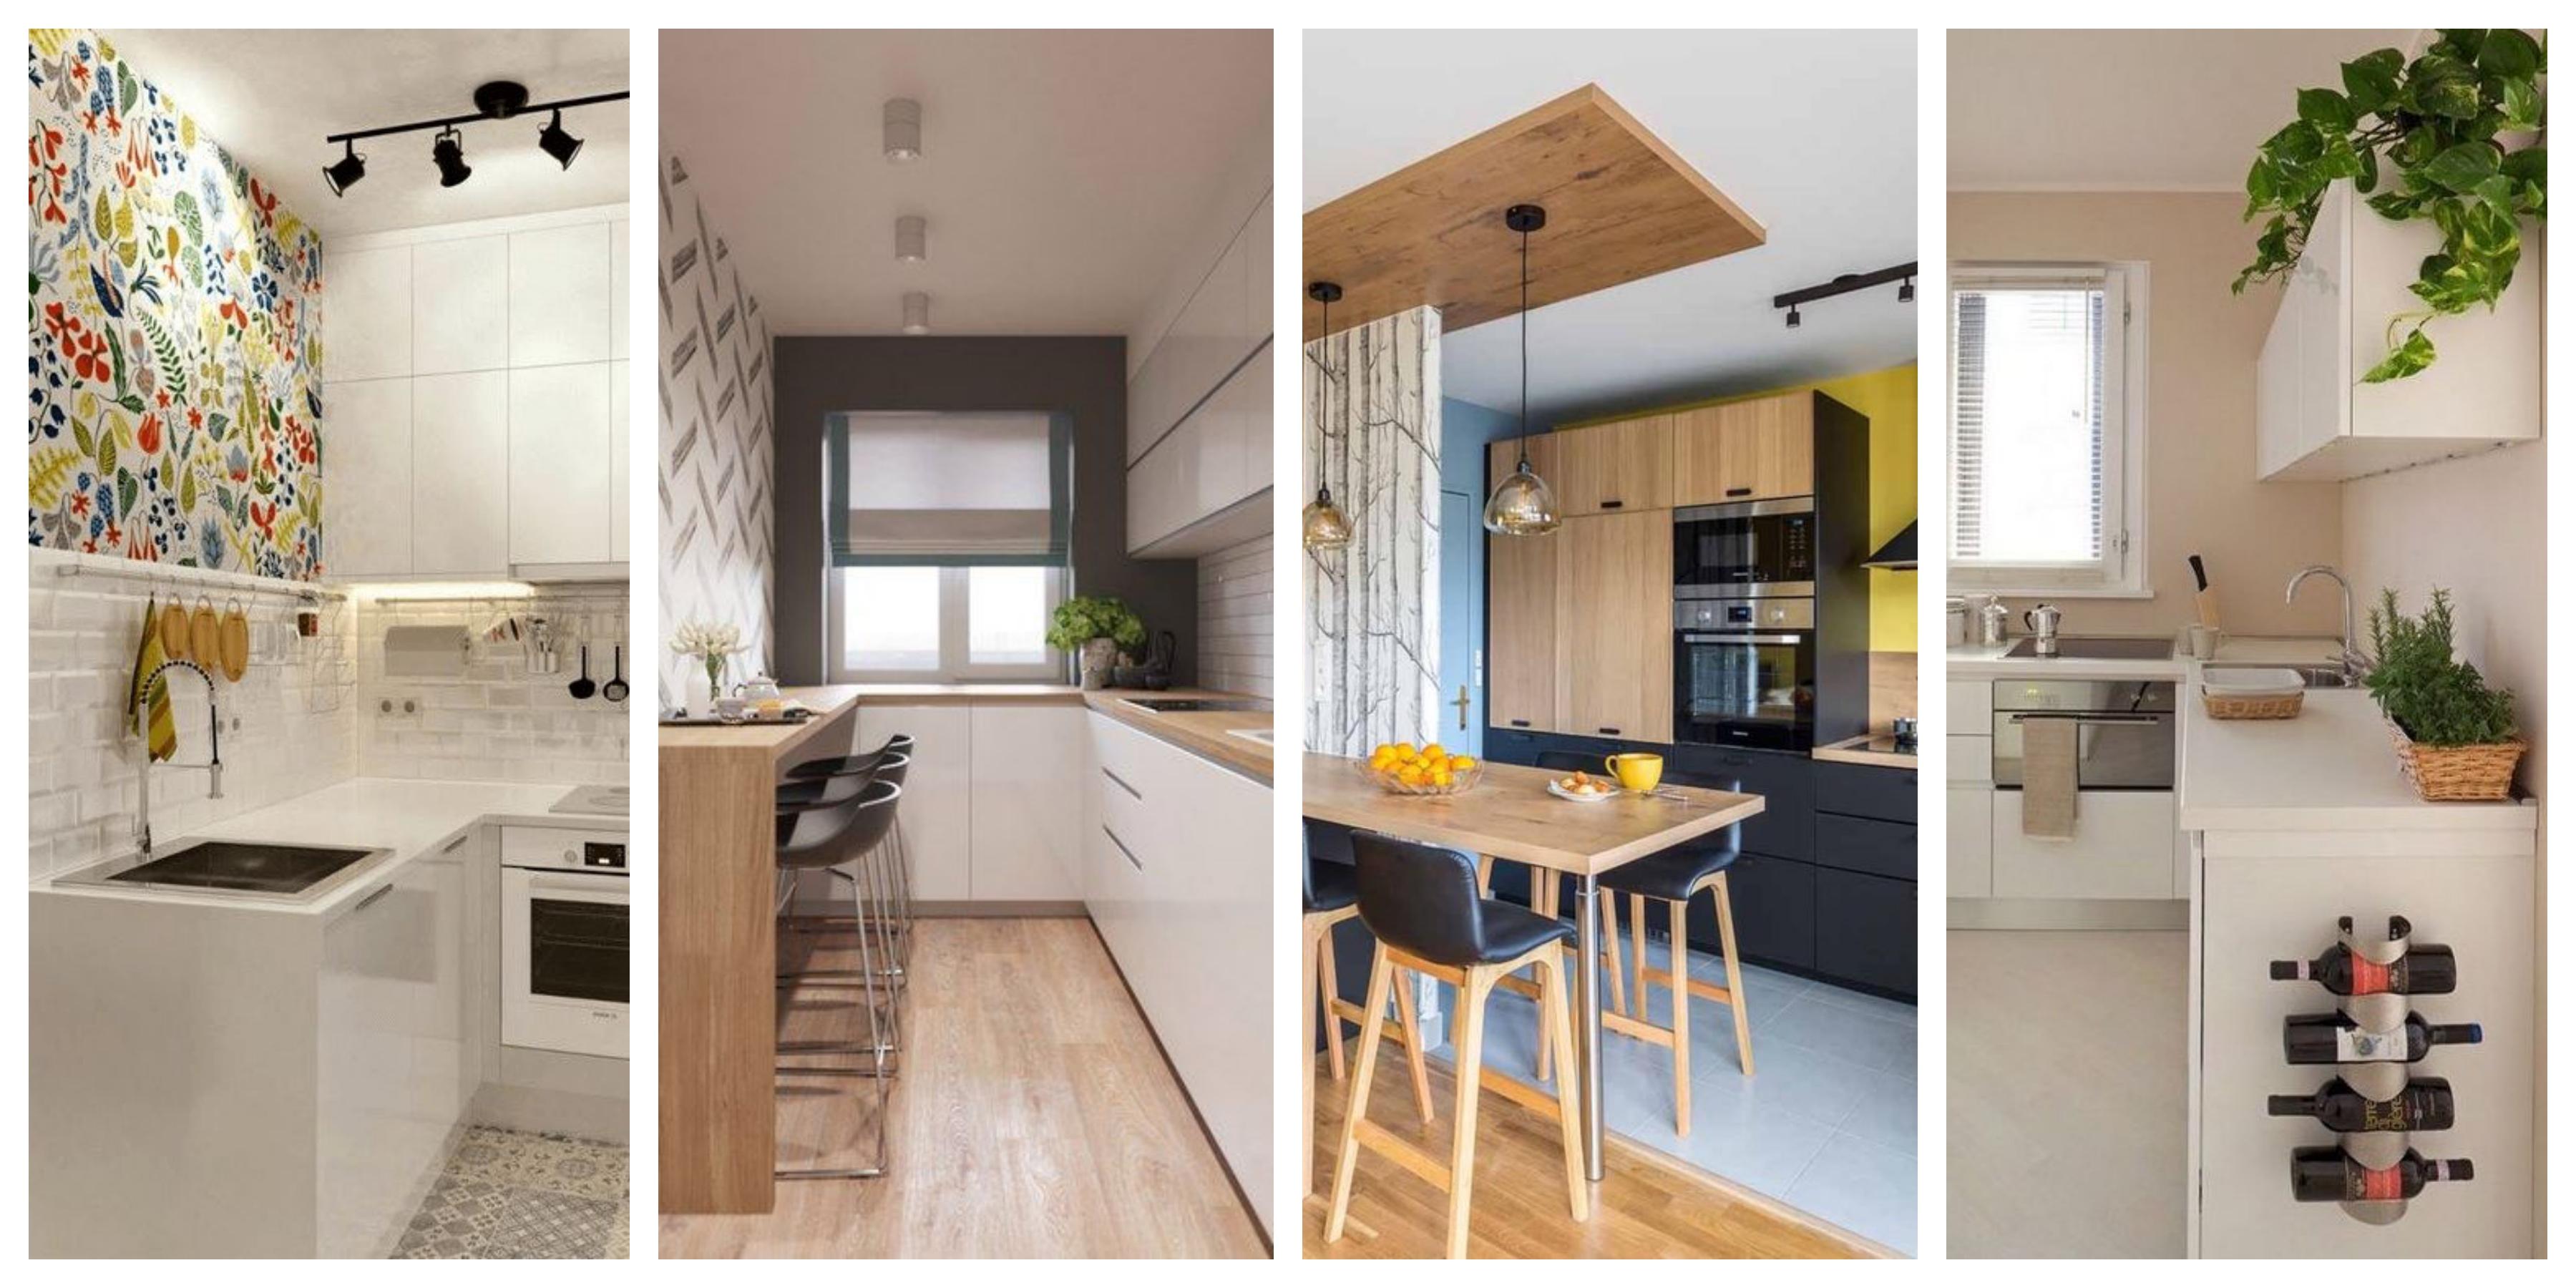 Malé kuchyně - fotogalerie, inspirace